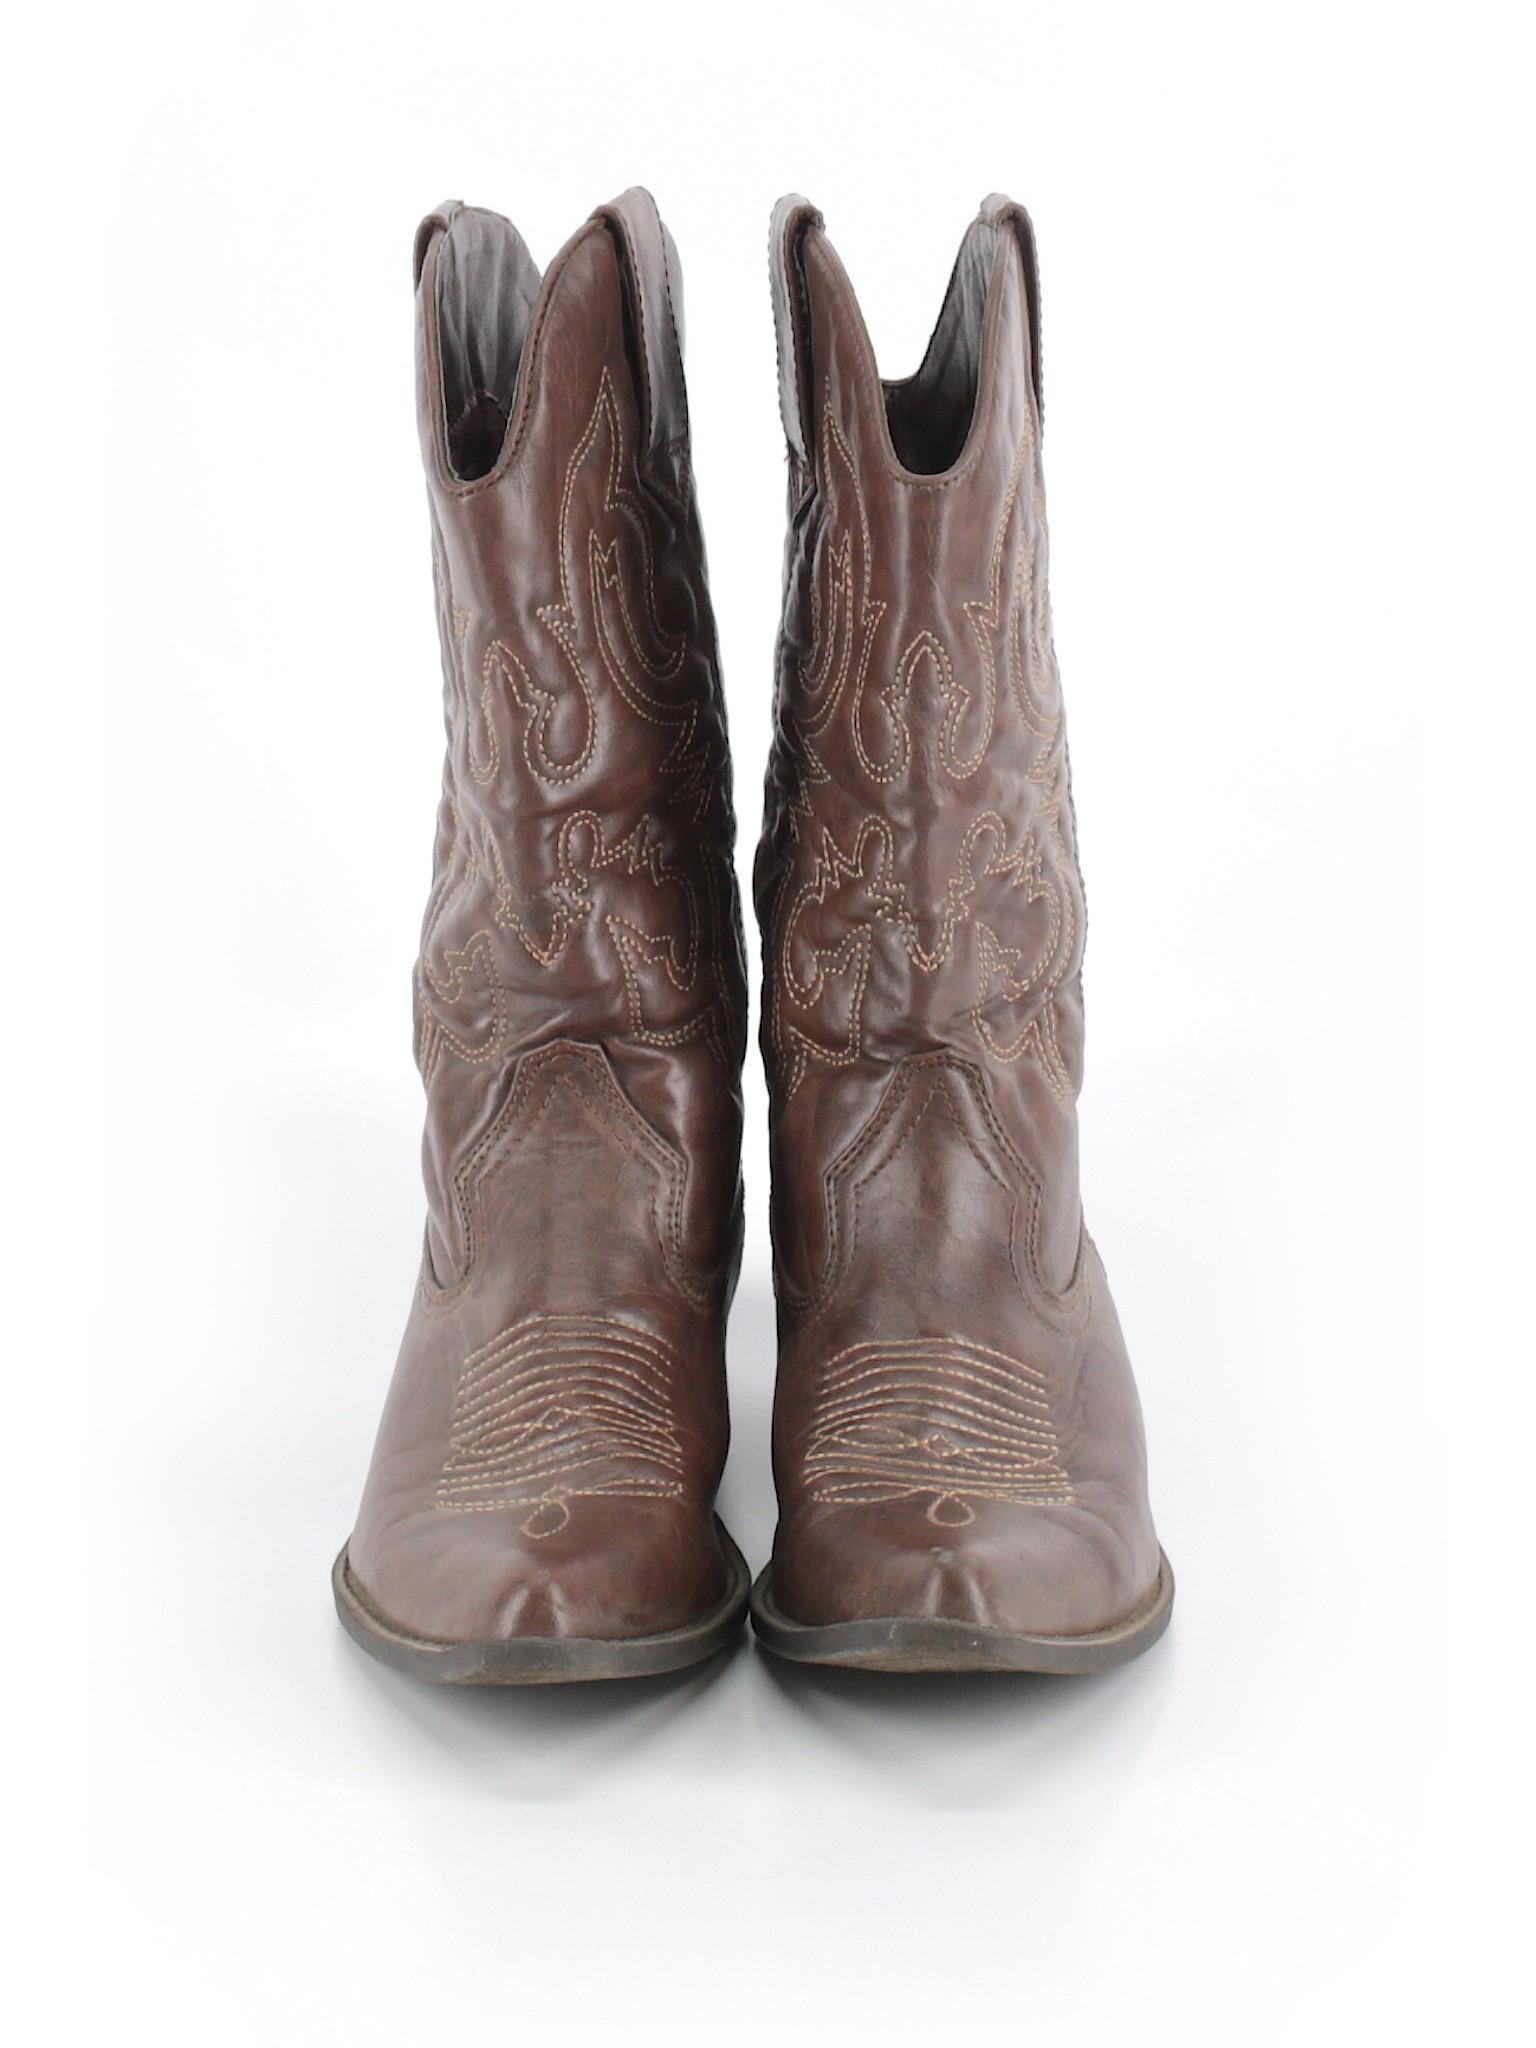 Boutique Boots Boutique promotion Madden Girl promotion FdxZ6